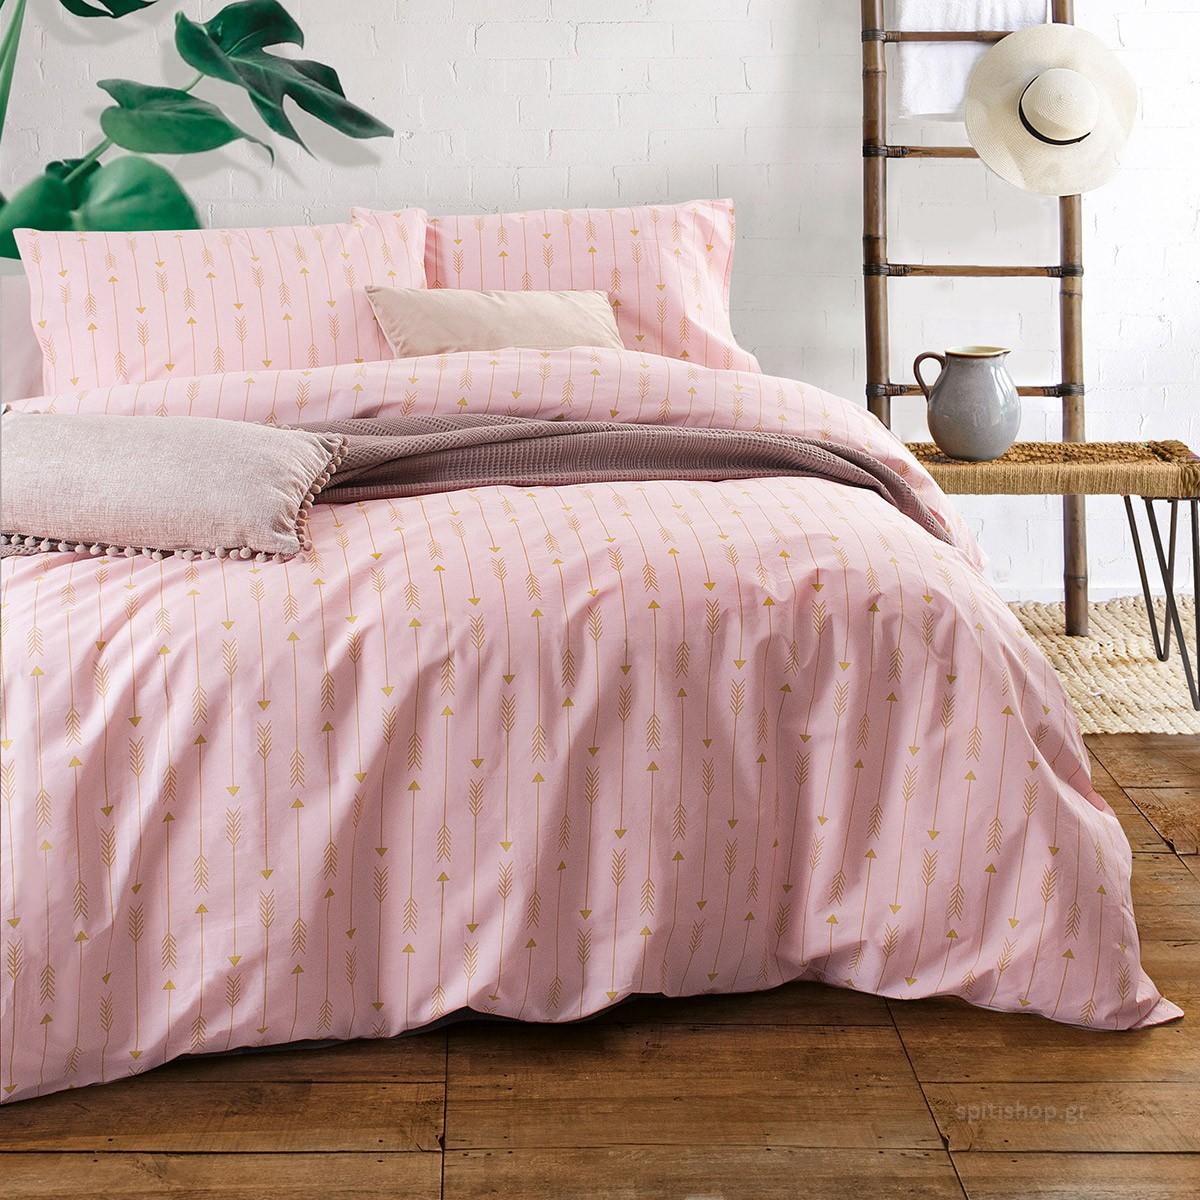 Πάπλωμα Μονό (Σετ) Rythmos Diva Arrow Pink